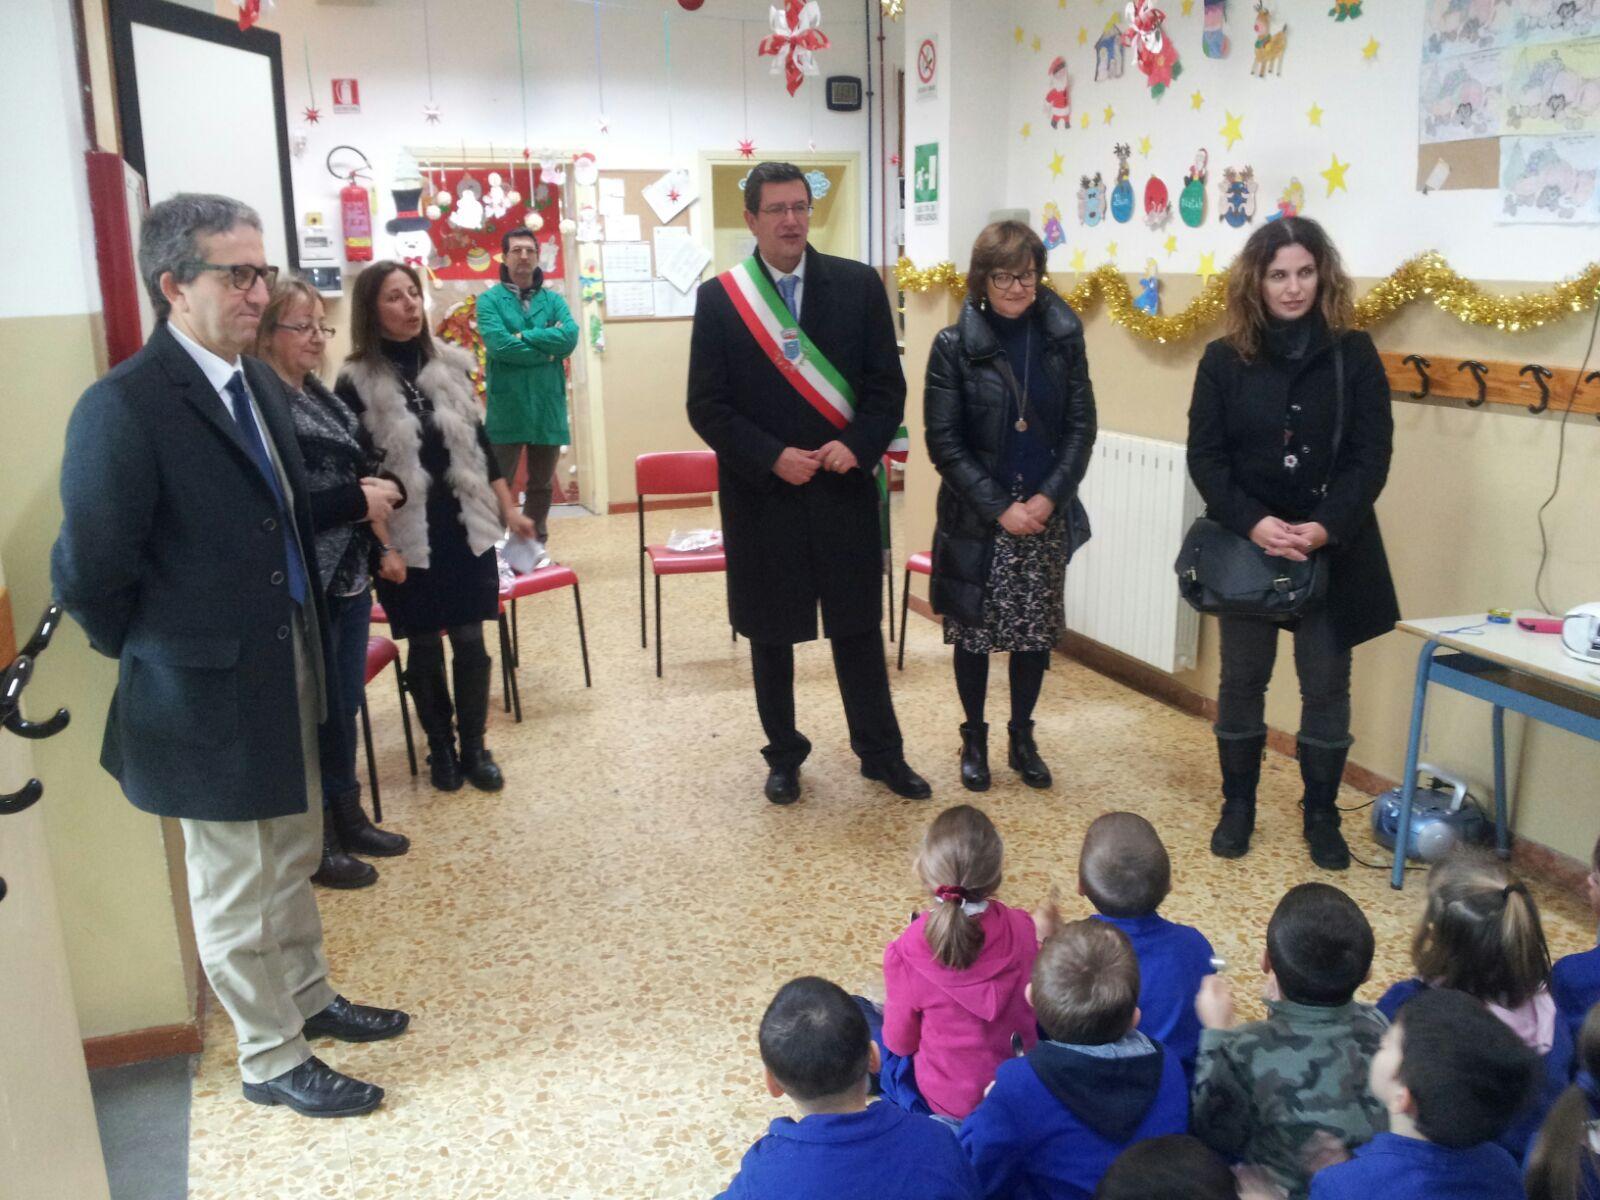 Gli auguri di buone feste agli alunni della scuola primaria Lorenzo il Magnifico